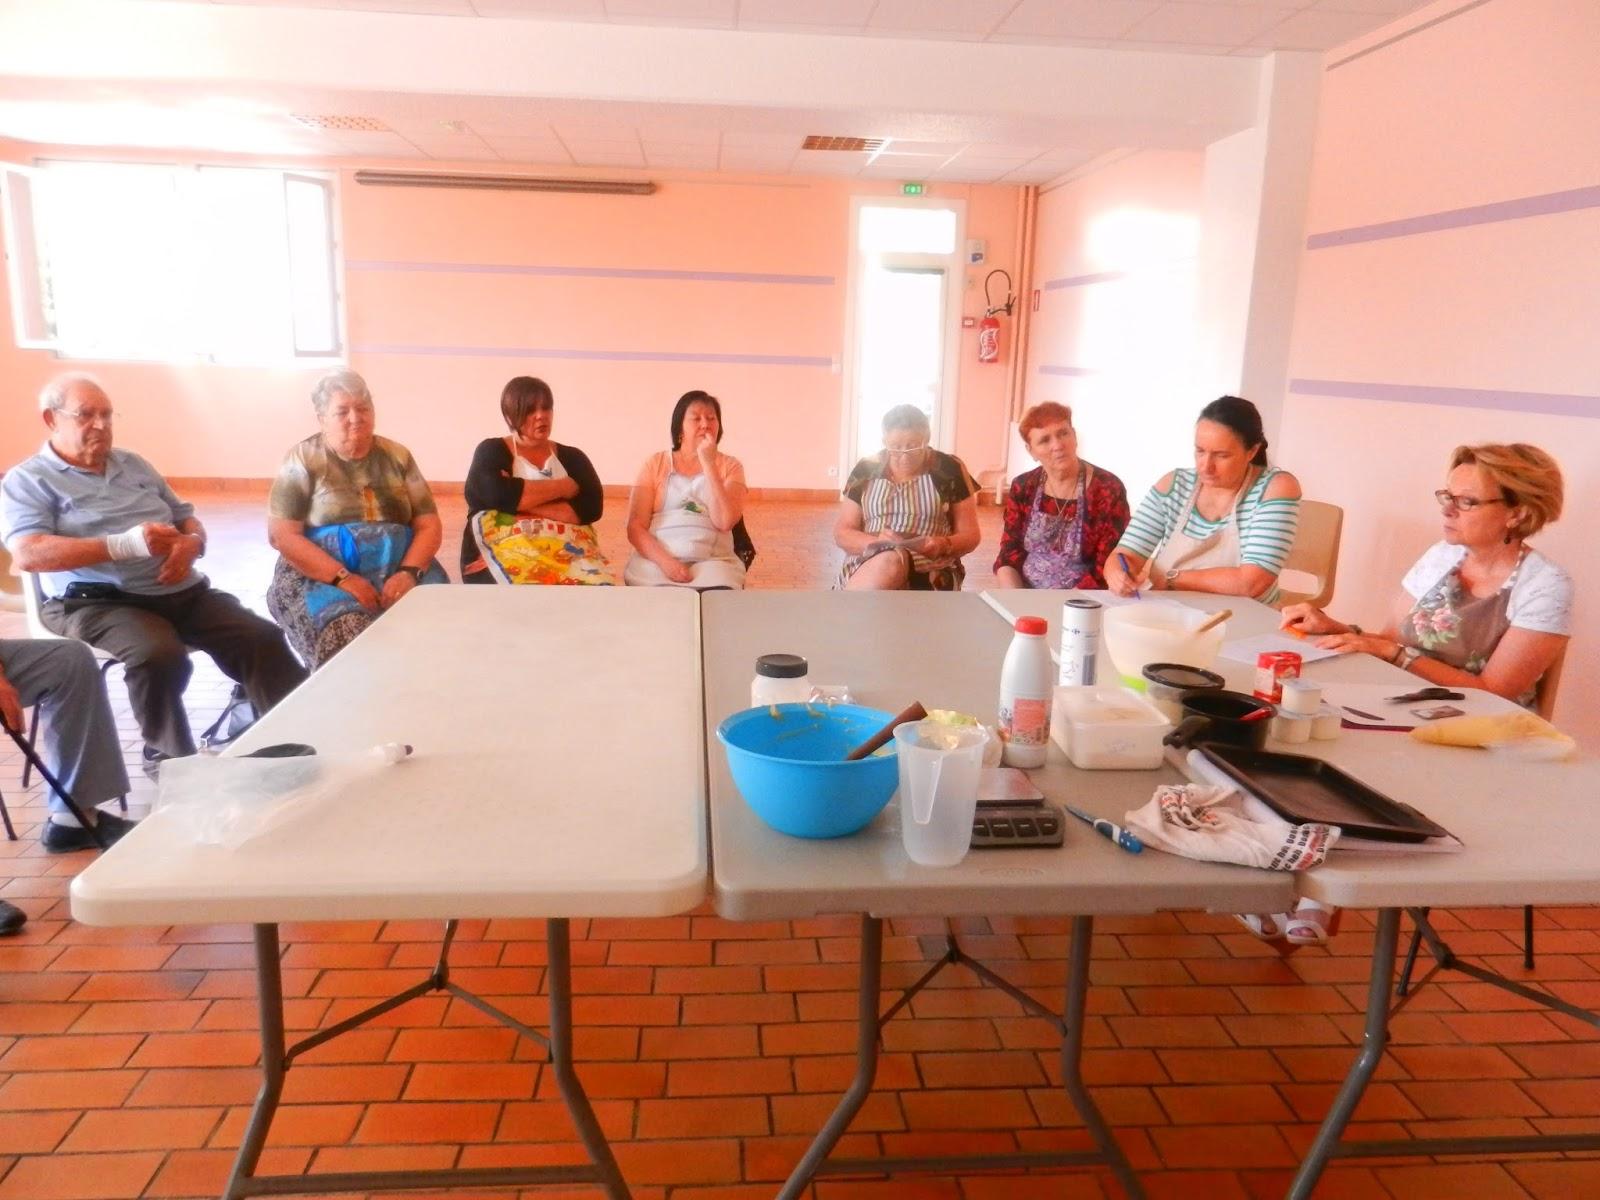 association clair de lune sablons 38 cours de cuisine